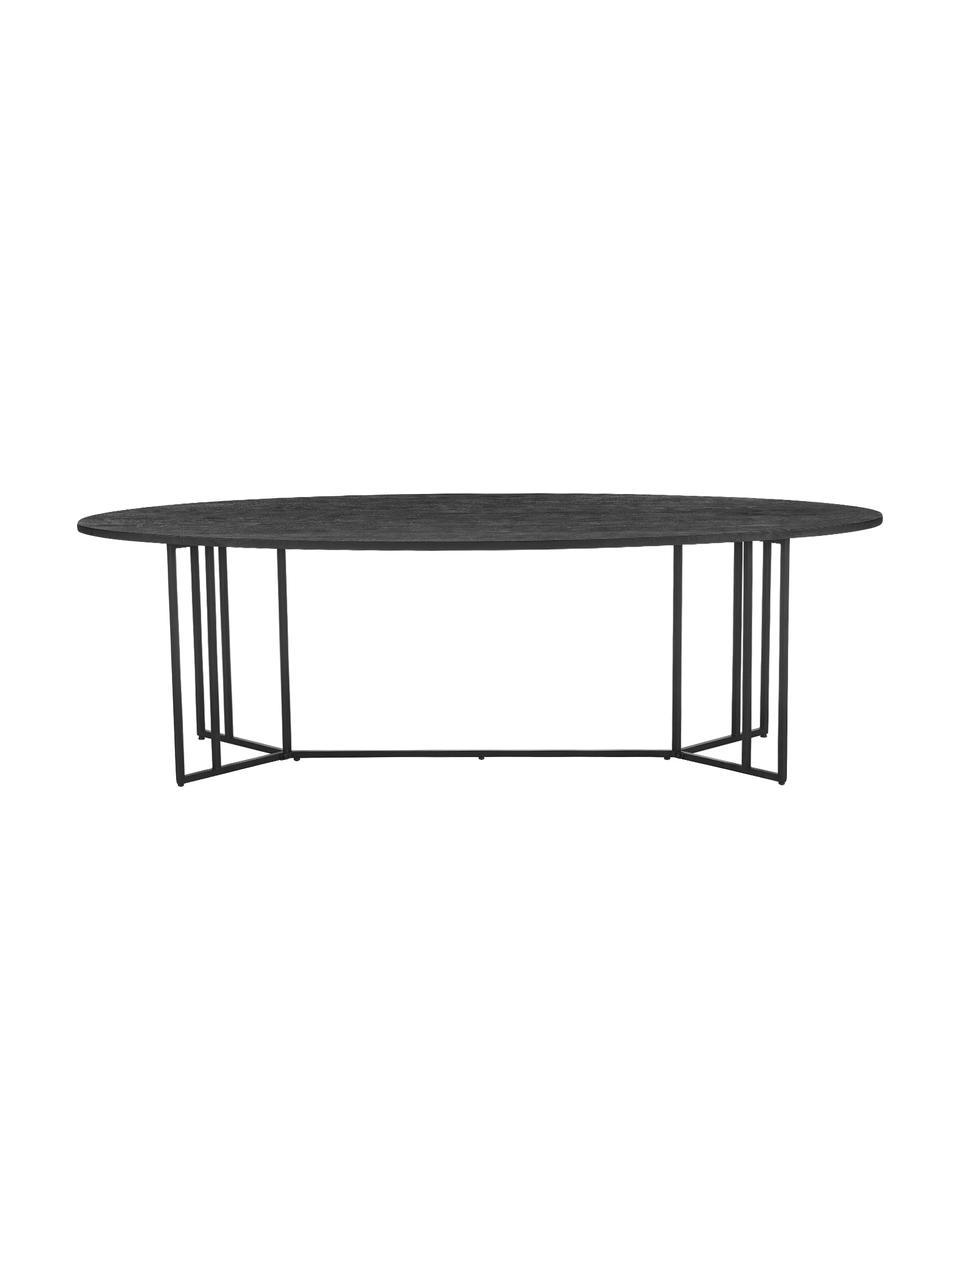 Owalny stół do jadalni z blatem z litego drewna Luca, Blat: lite drewno mangowe, szcz, Stelaż: metal malowany proszkowo, Drewno mangowe lakierowane na czarno, S 240 x G 100 cm